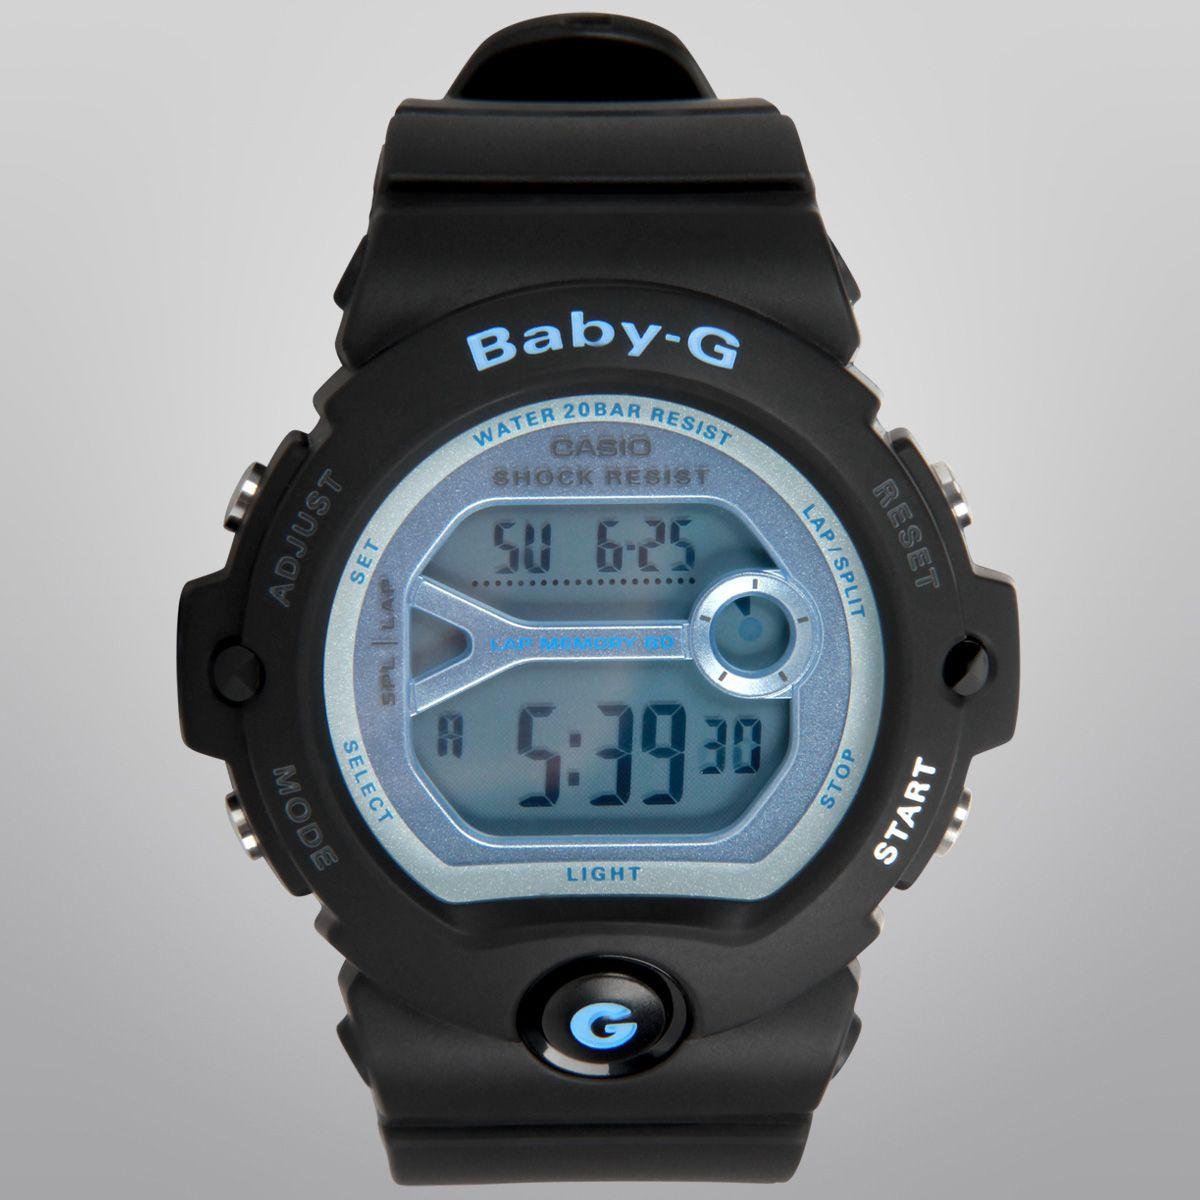 160fa88ebed Reloj Casio Baby G BG-6903 - Netshoes Netshoes